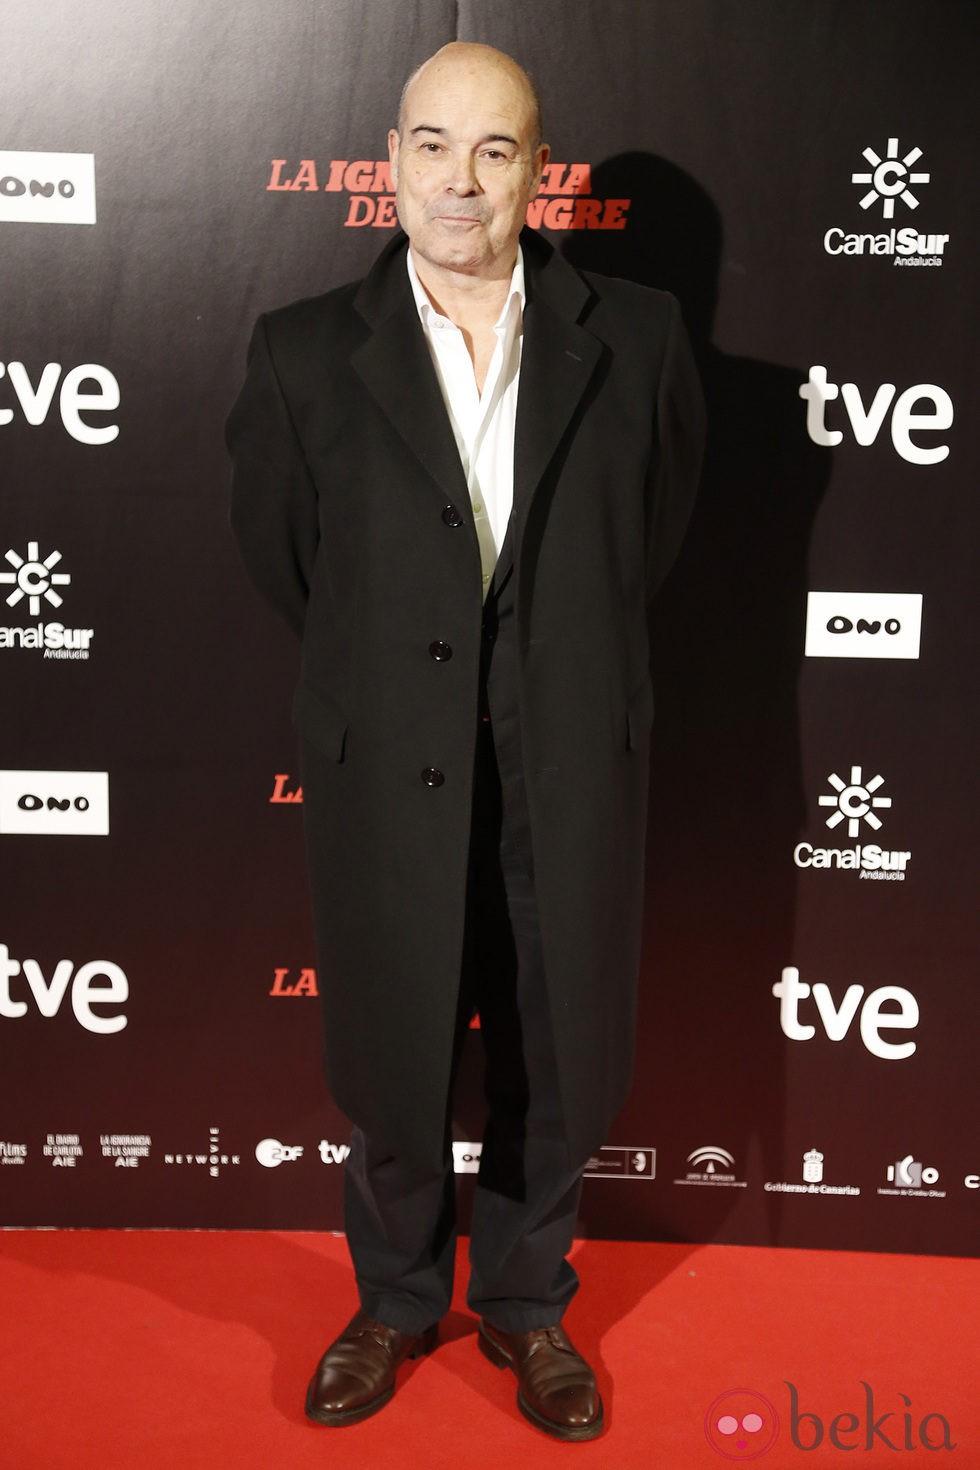 Antonio Resines en el estreno de 'La ignorancia de la sangre' en Madrid